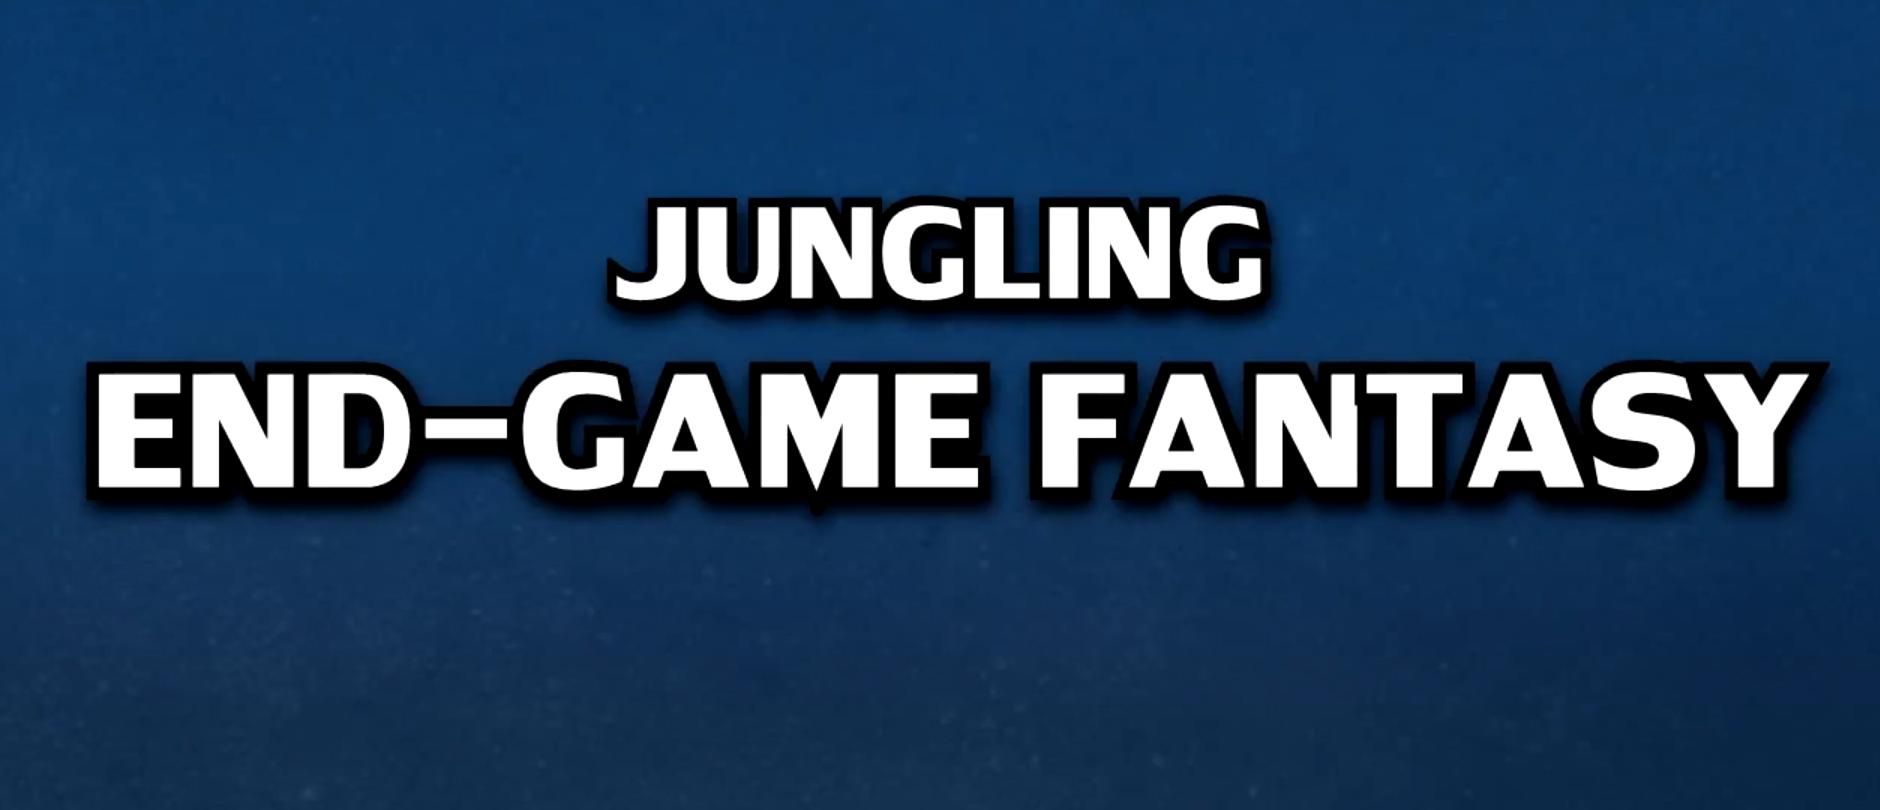 End-Game Fantasy